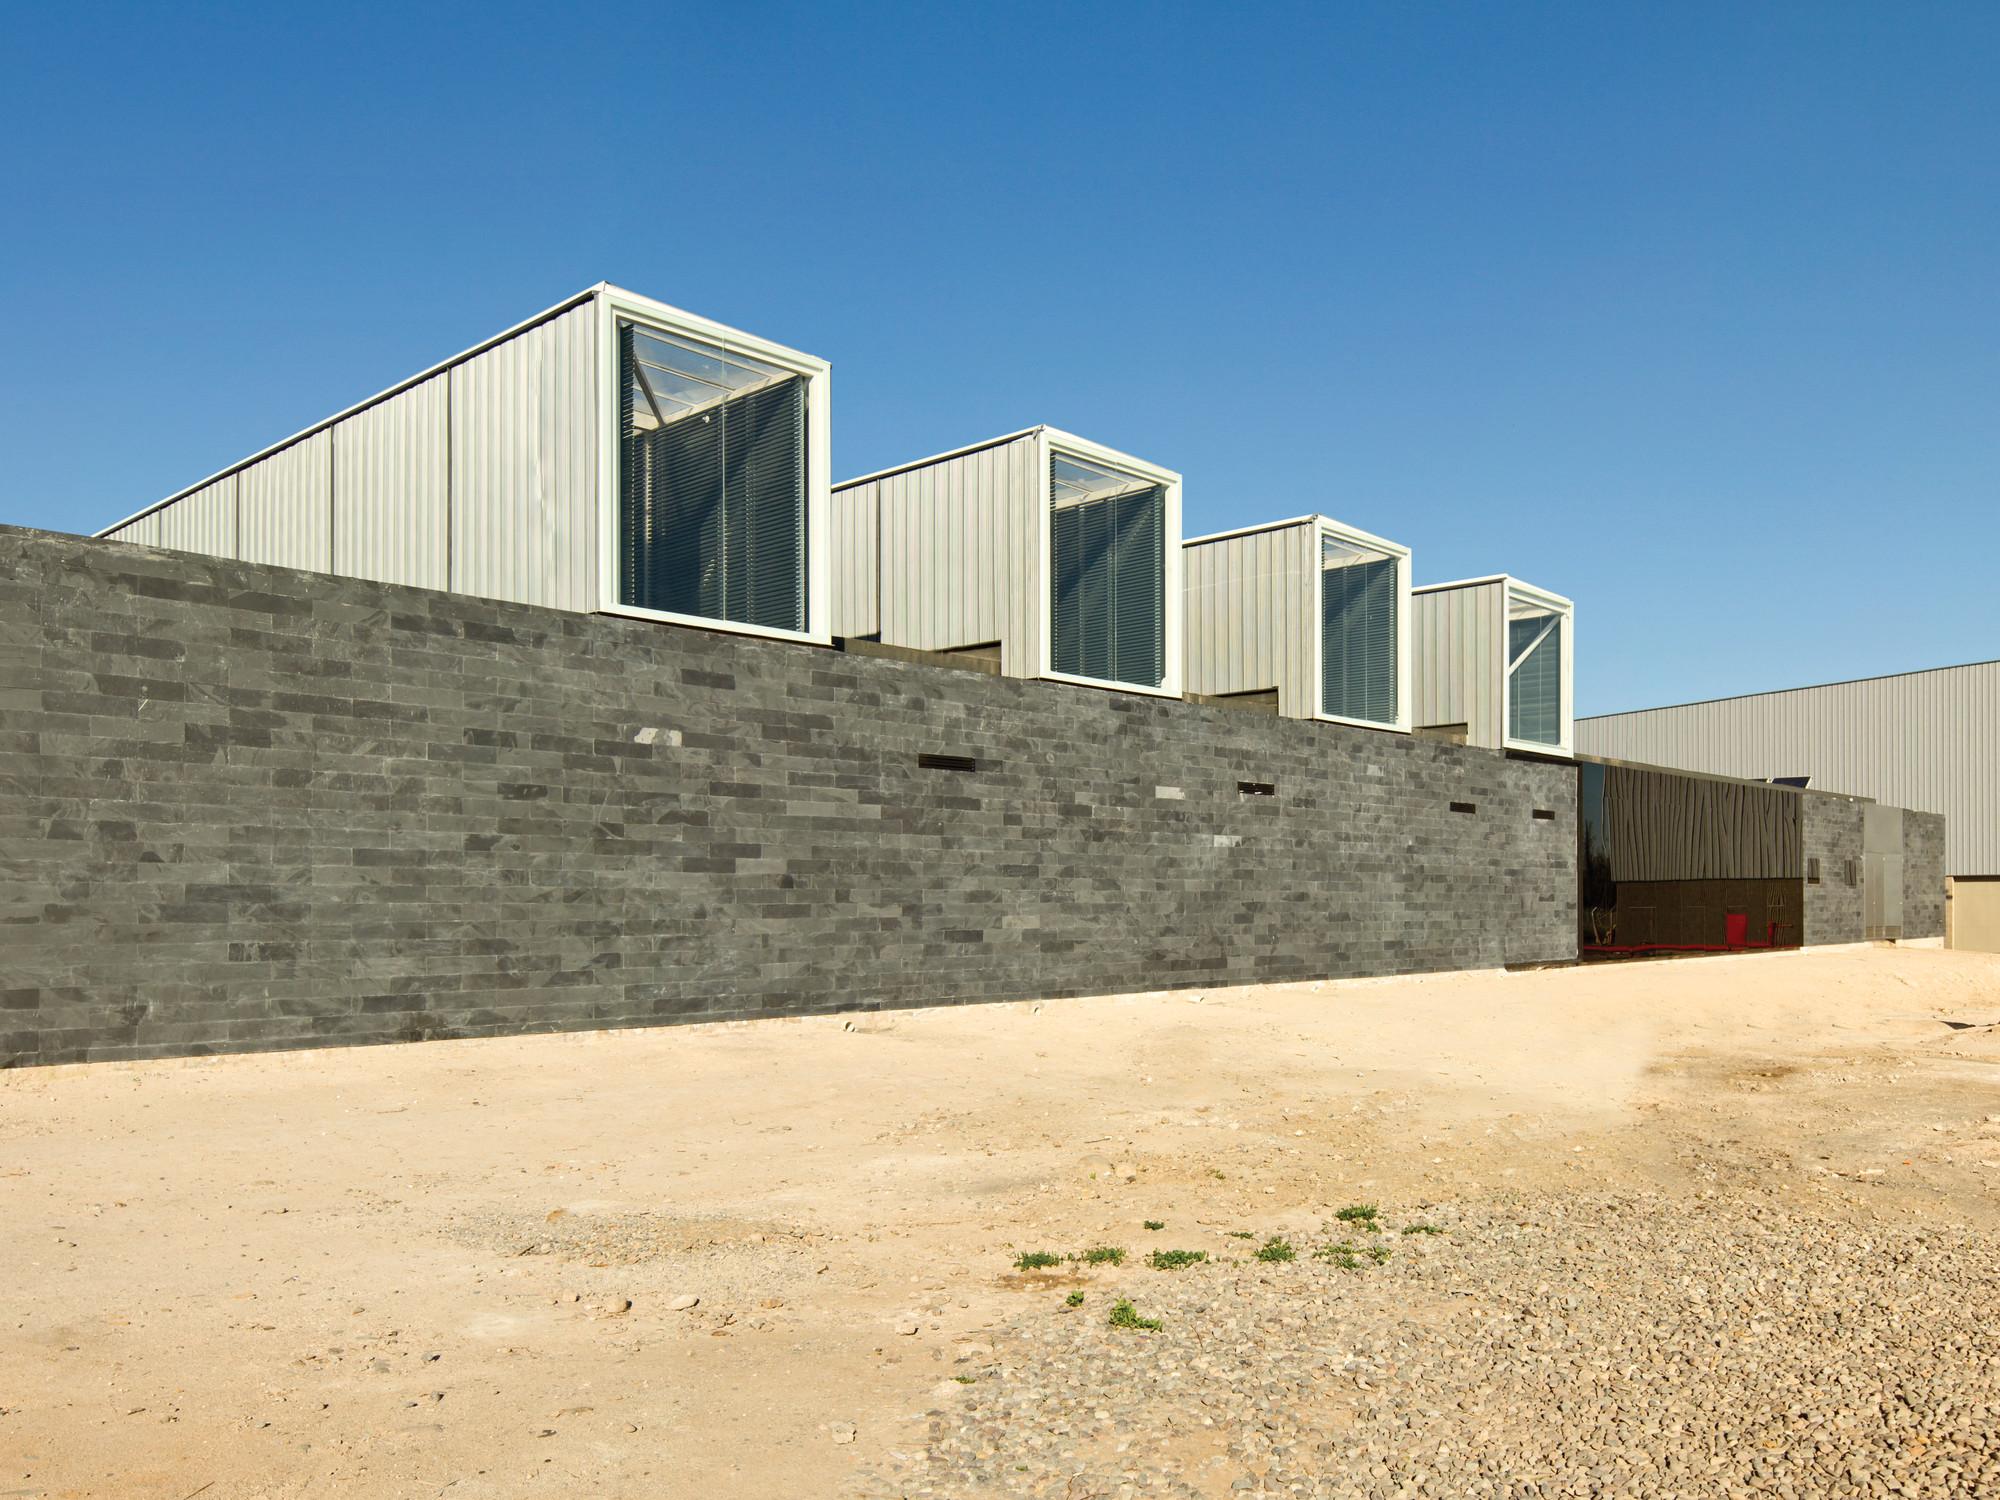 Dining-Multi Room, Iron Mountain / Polidura + Talhouk Arquitectos